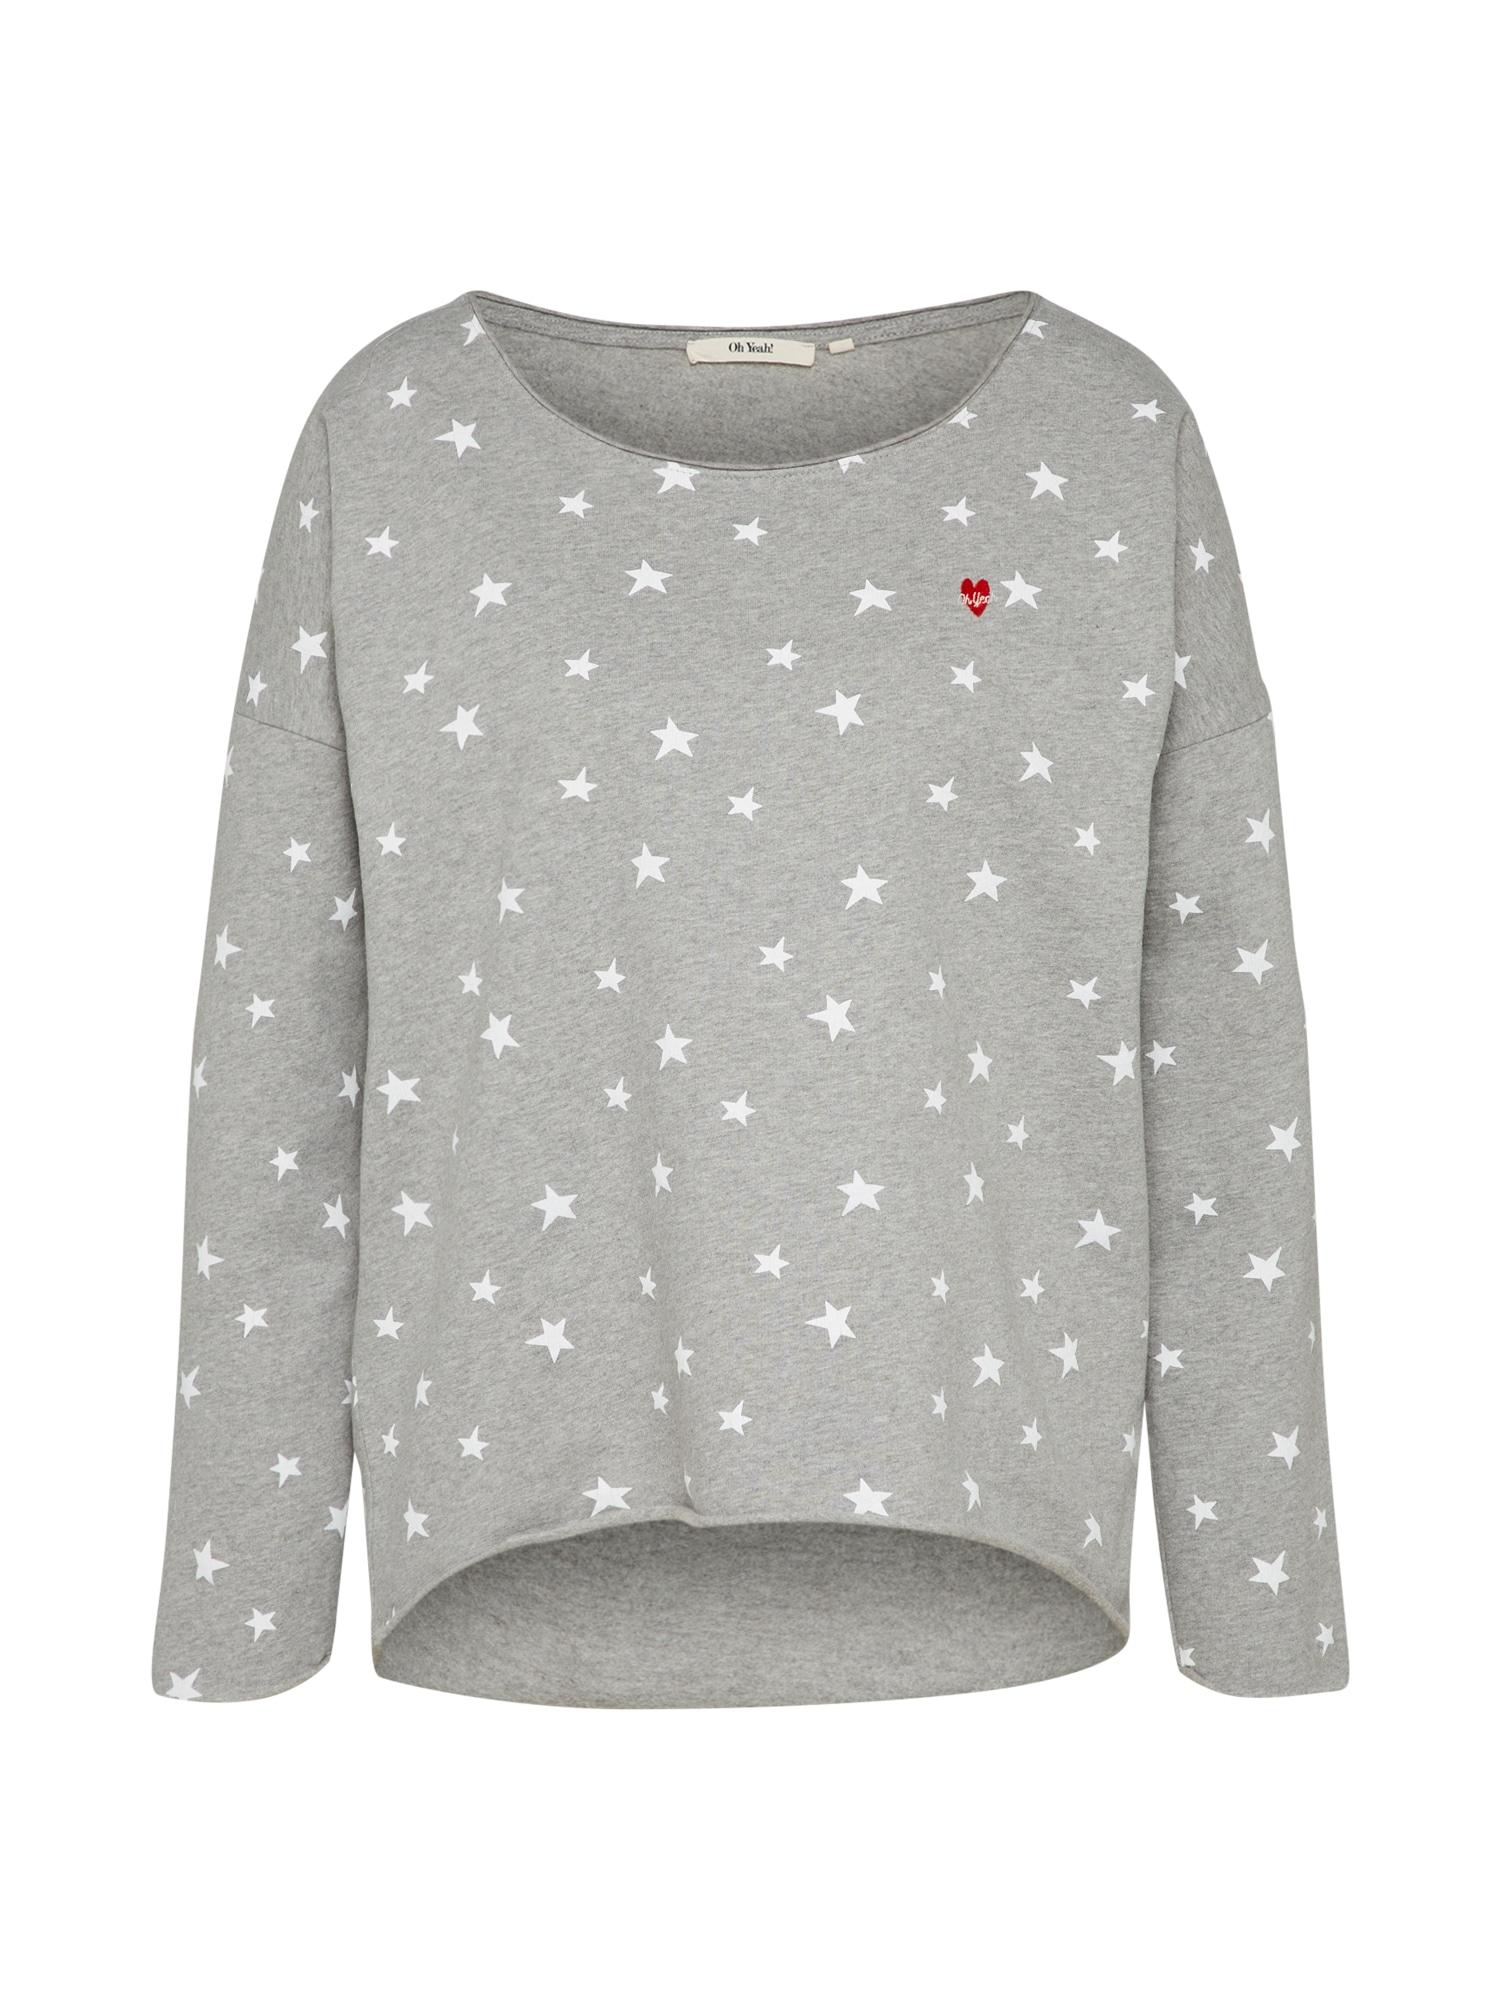 Oh Yeah!, Dames Sweatshirt, grijs